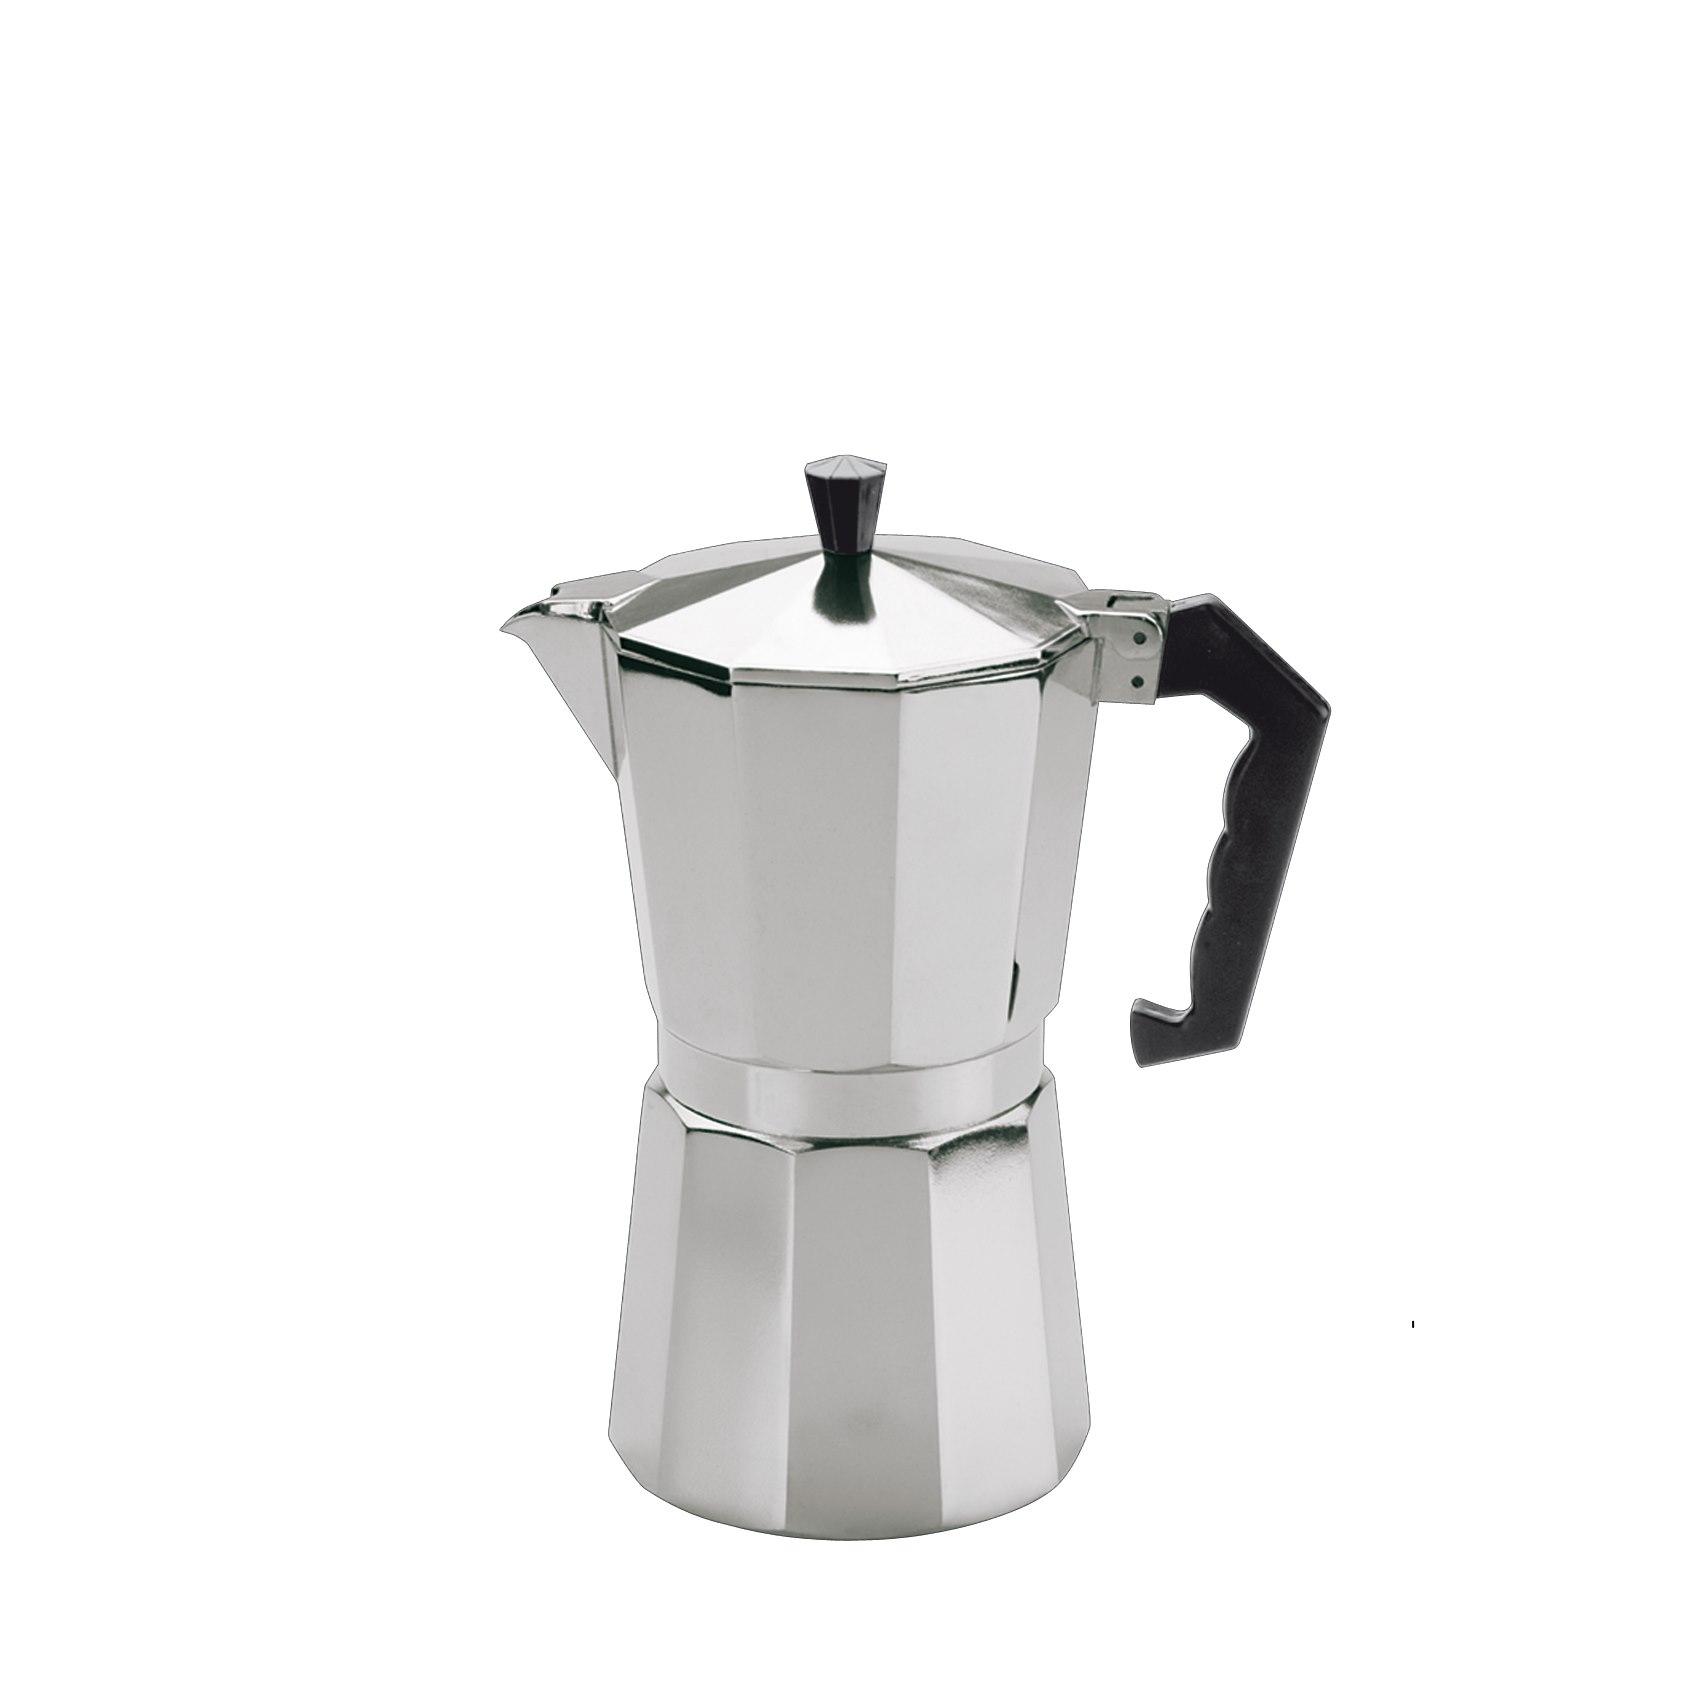 Cilio espressokocher classico f r 6 tassen aus aluminium for Ebay classico